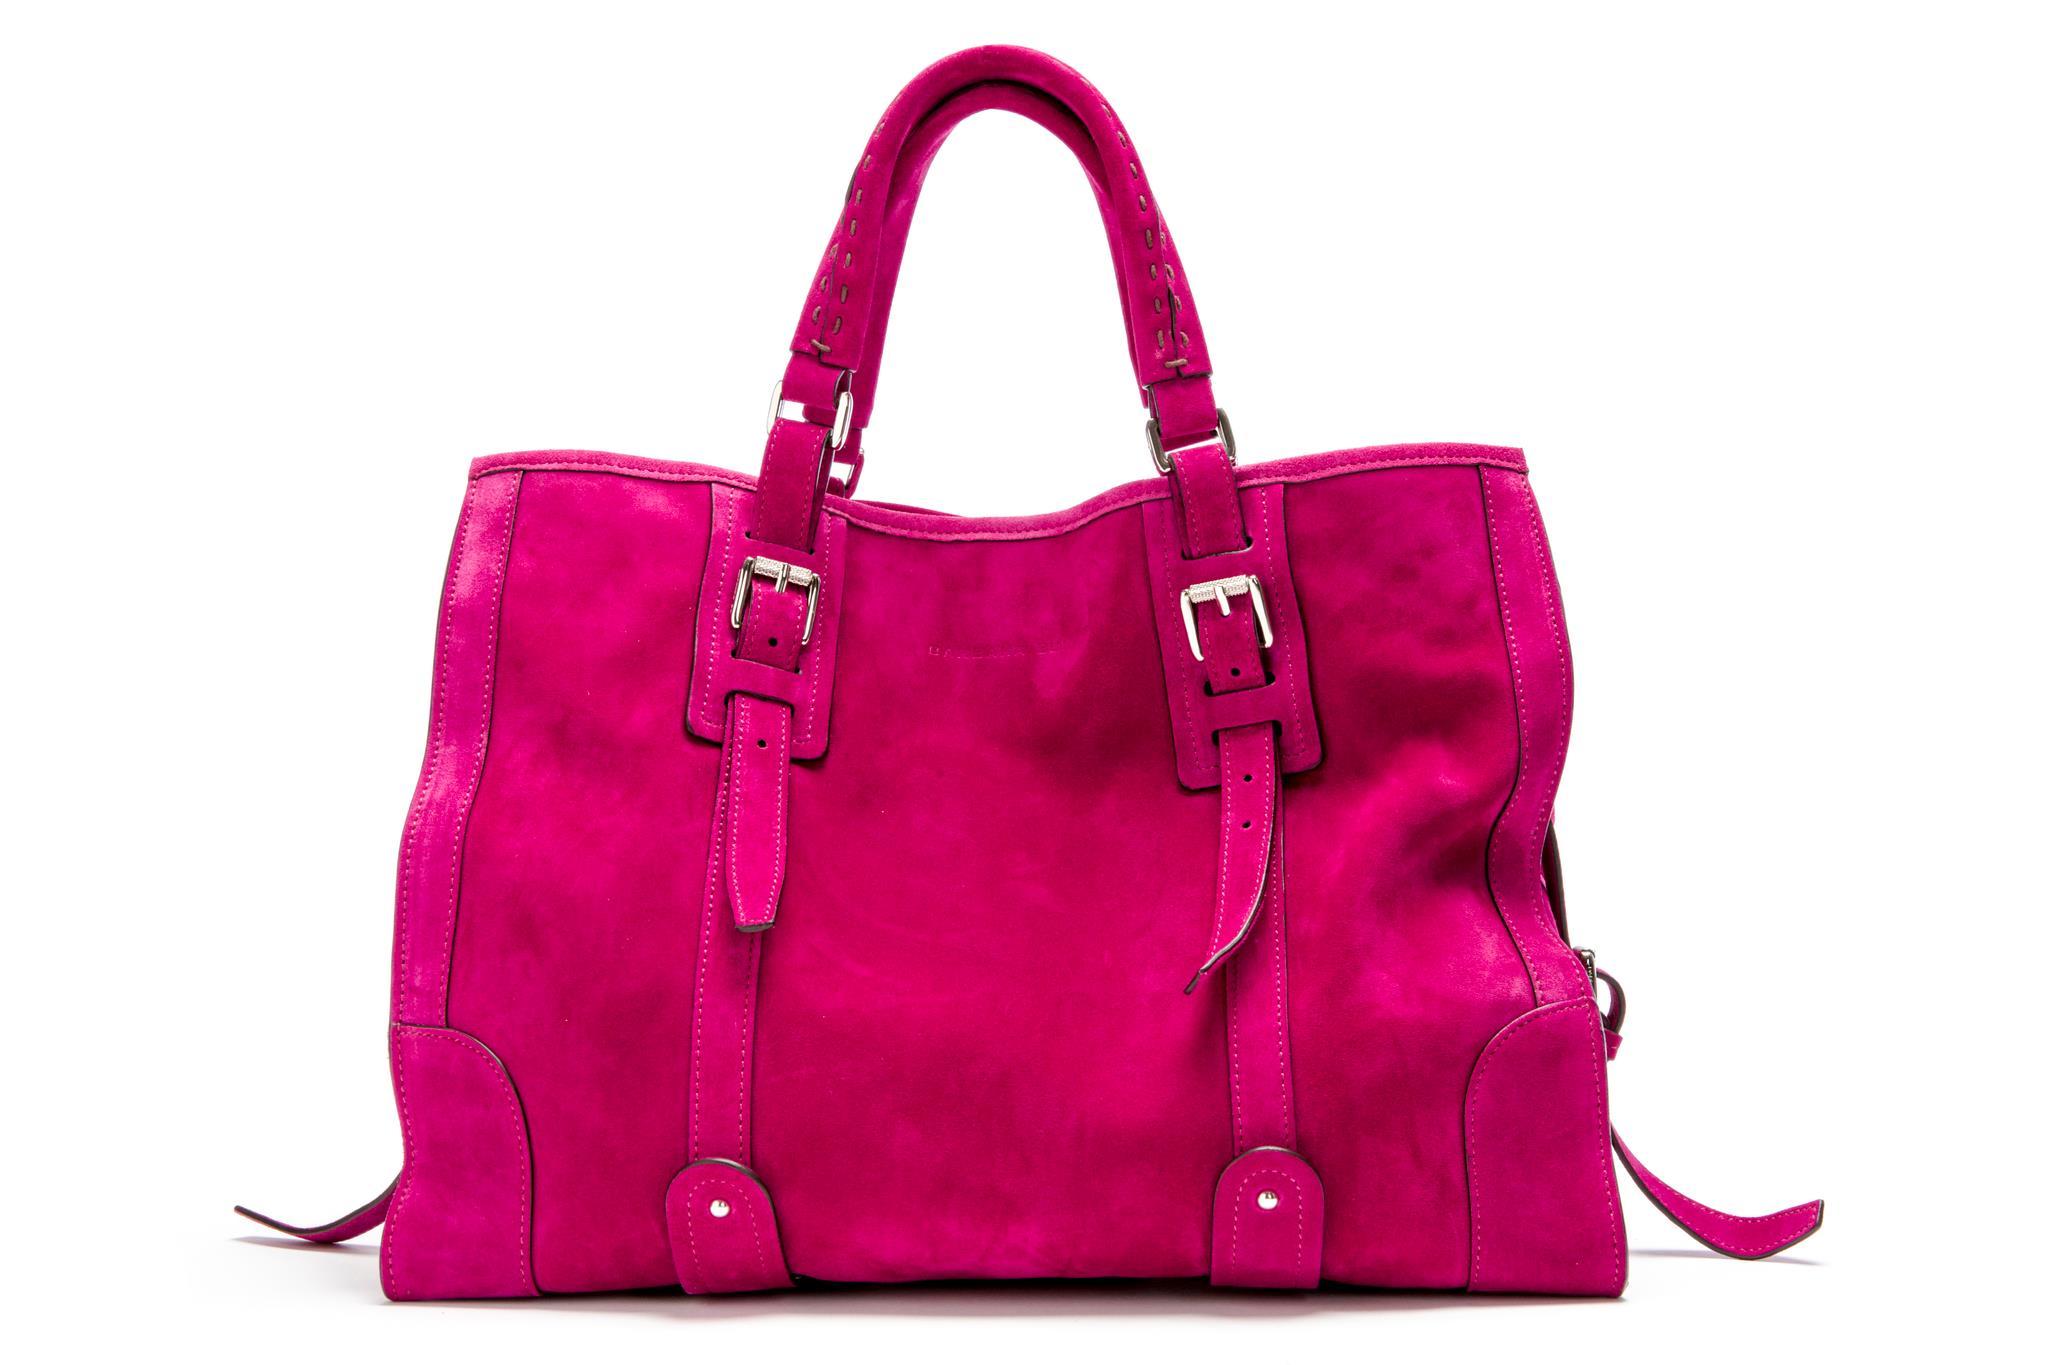 sonbahar modası, çanta trendleri, sonbahar çanta trendleri